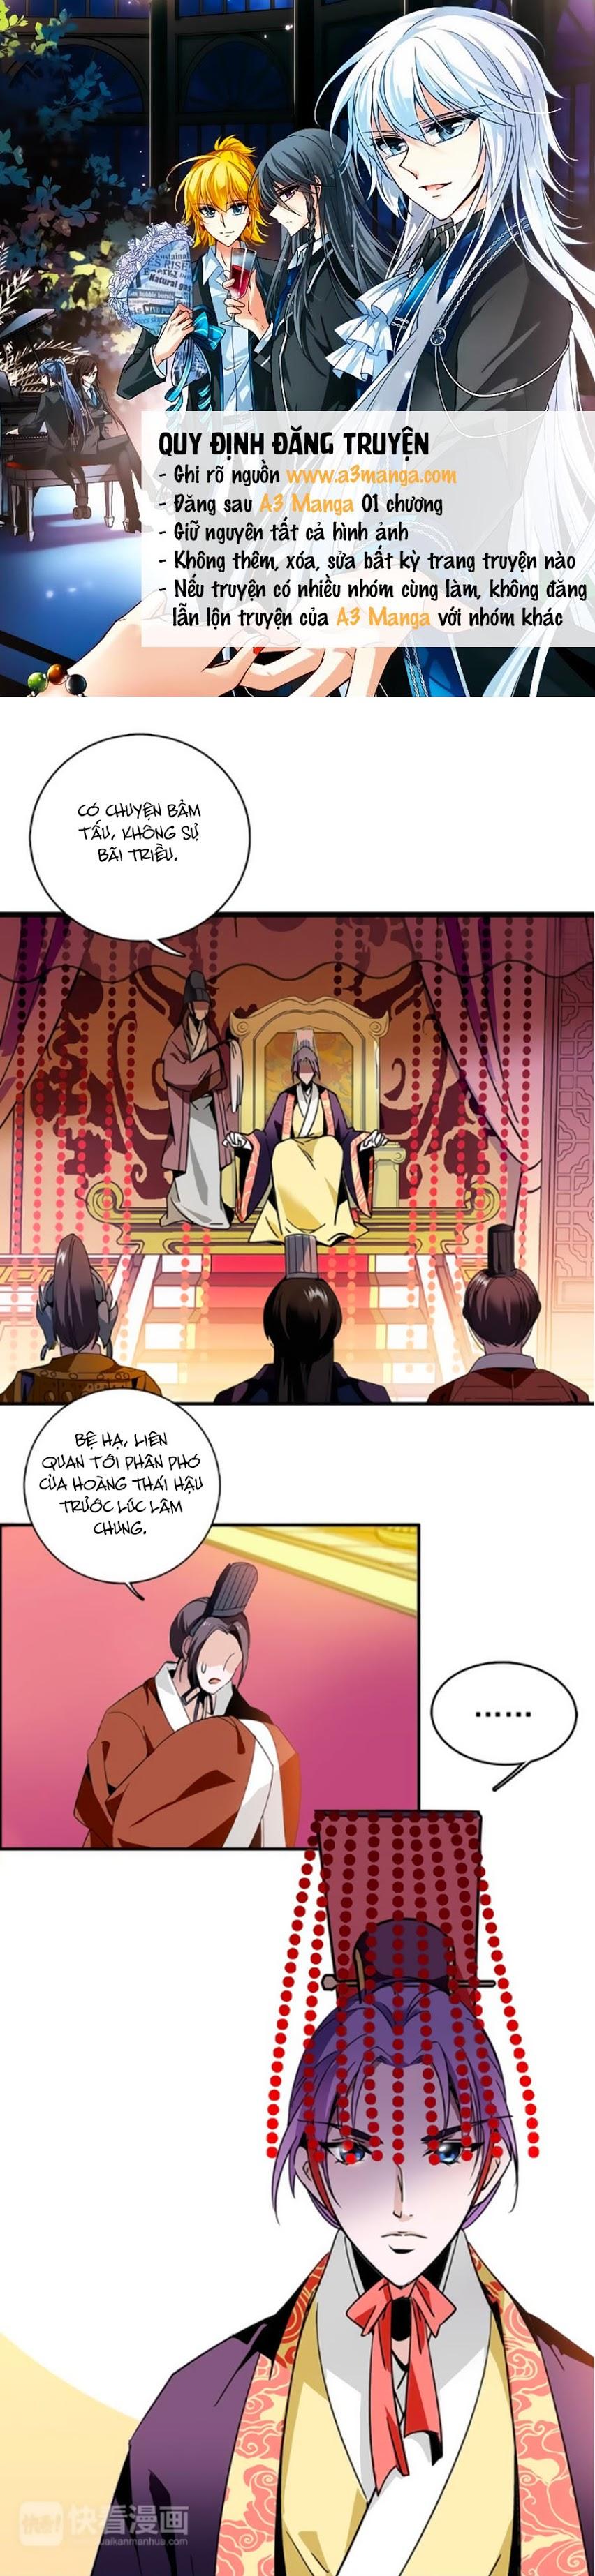 Hoàng Thượng! Hãy Sủng Ái Ta Đi! Chap 6